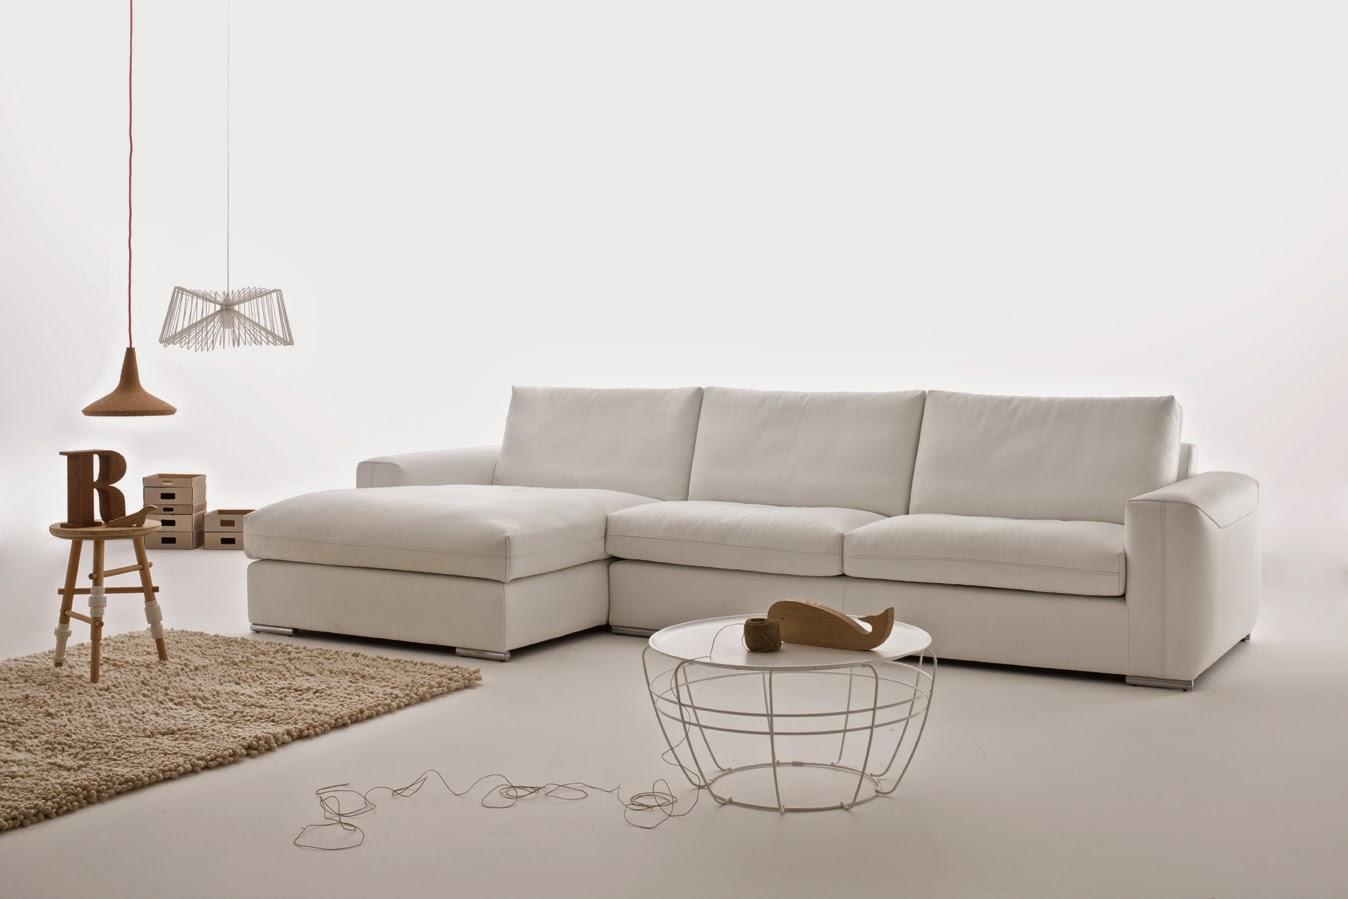 Opinioni su divani e divani by natuzzi for Divani bellissimi moderni